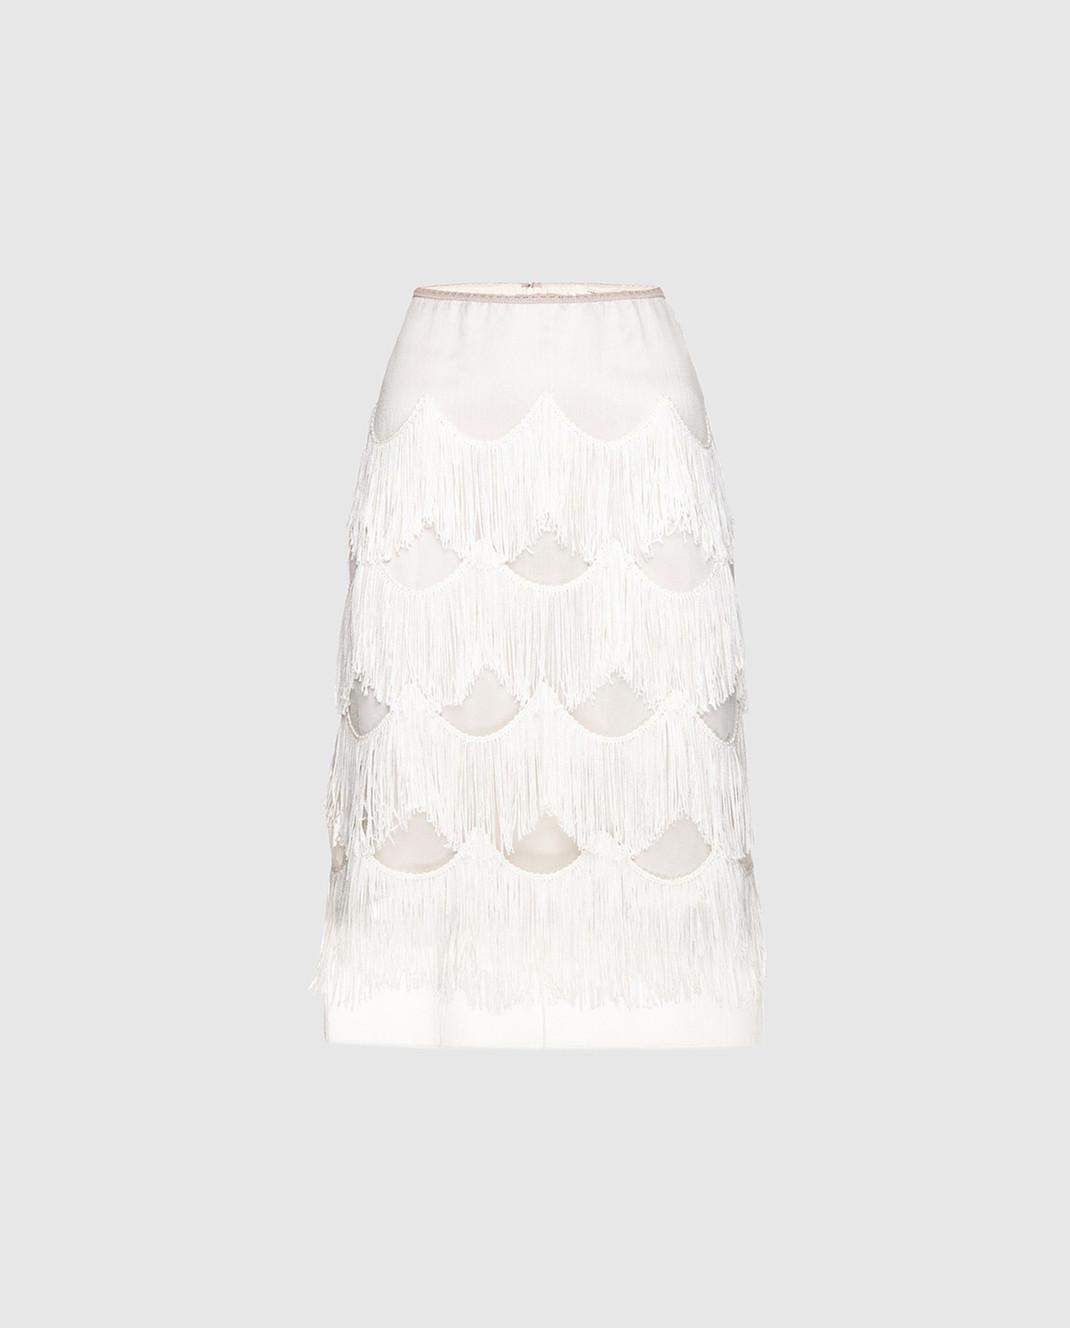 Marc Jacobs Бежевая юбка с бахромой изображение 1